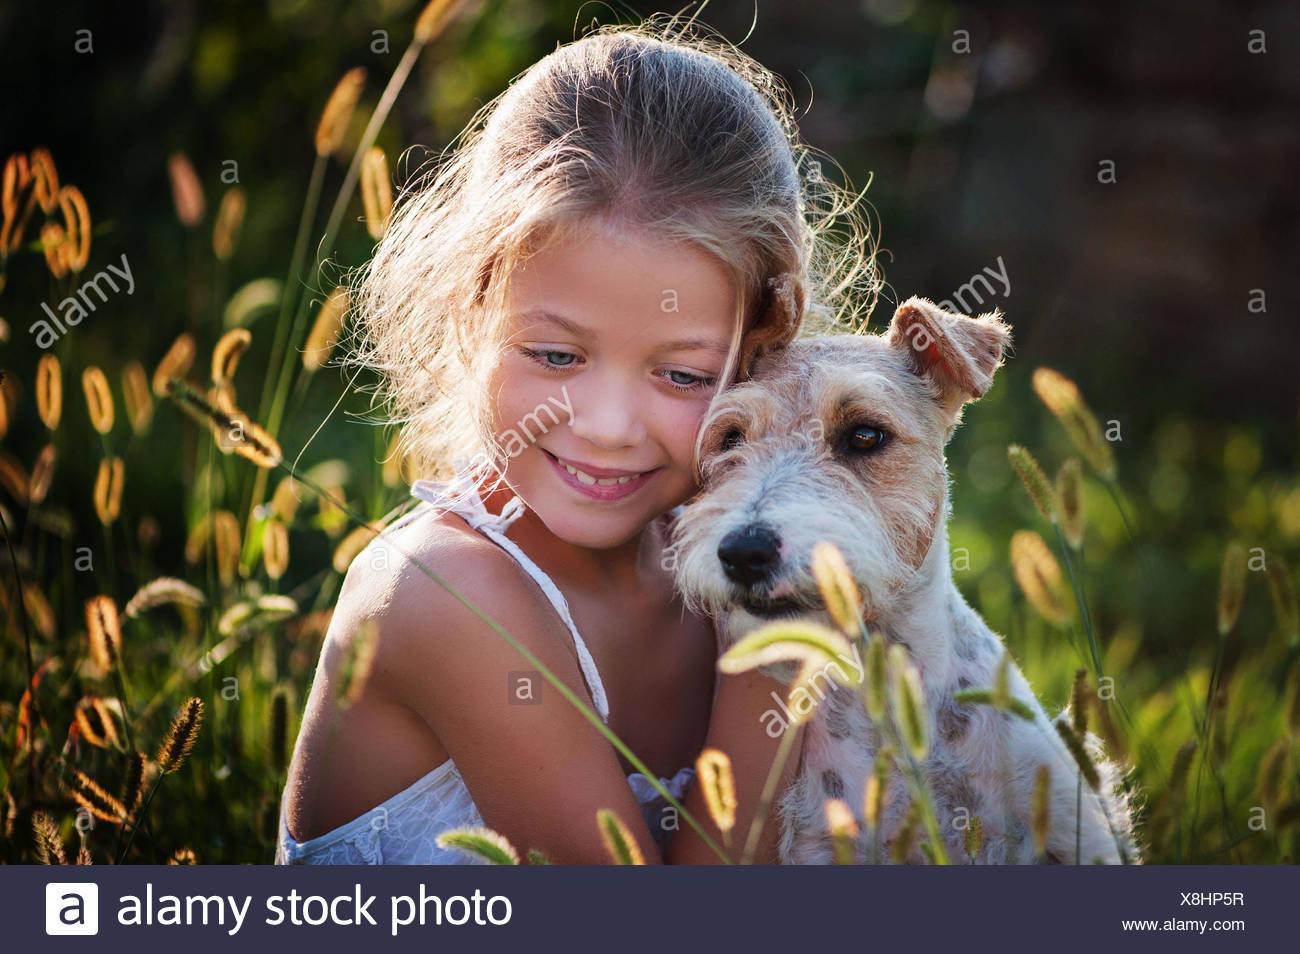 Ritratto di ragazza (6-7) abbracciando il cane Immagini Stock